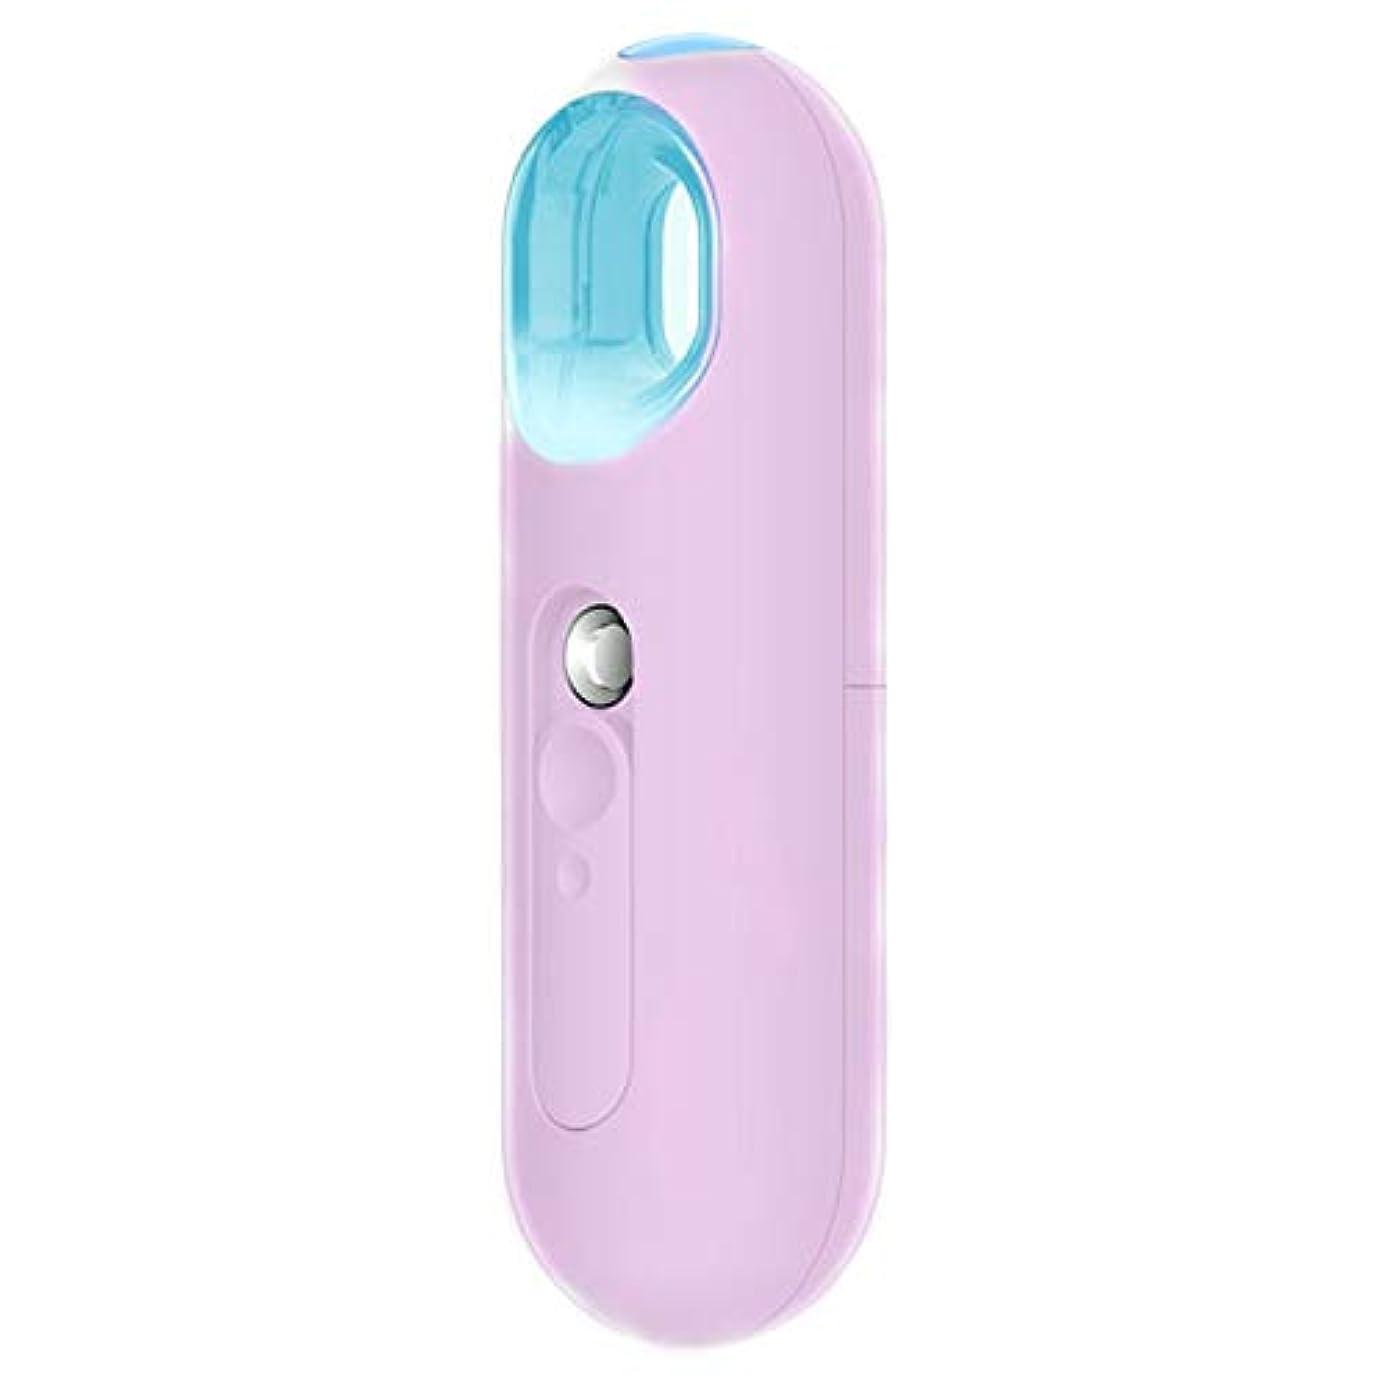 名目上の組立膨らみMoligh doll ポータブルミニナノミストスプレースキンケアフェイスフェイシャルボディネブライザースチーマー保湿デバイス美容ツール22ml(ピンク)